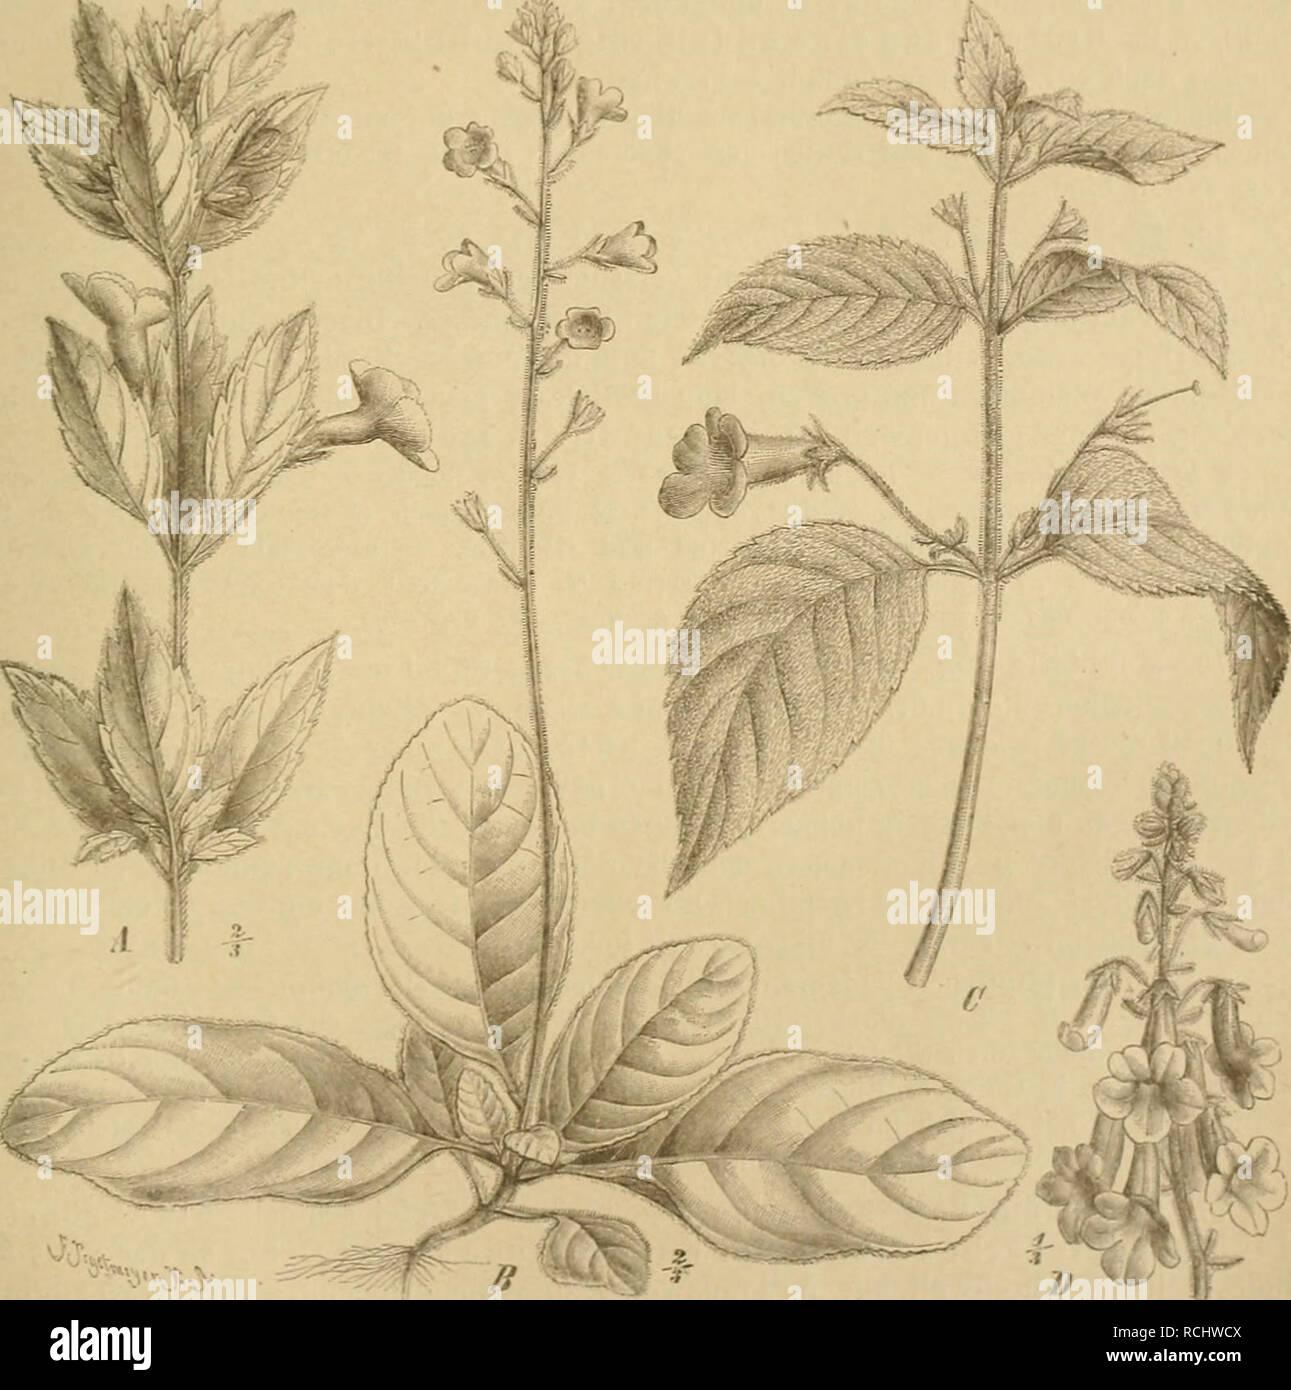 . Die Natürlichen Pflanzenfamilien : nebst ihren Gattungen und wichtigeren Arten, insbesondere den Nutzpflanzen. Plants; Plants, Useful. (jcsiifriaceae. ,1 ritsch.; 1 sehr kleinen 151., lieron Hlkr. ilei» Kclcli nur wenig üherra;.'! und «lurcli i Höcker an lii-r Unterseite des Schlundes ausgozeiciinet ist J-'ig. 11 0 . — Mit A. miseru Lindl. ist zweifellos nahe verwandt .1. aiiulida I.indl. Diastema f/racilc Ueg. , deren Hl. größer sind und die am Schlünde der ülkr. an Stelle der Höcker nur i wenig auffallende Fallen besitzt I'ig. 78 €,. — Beide .rten liaben weißliehe, am Schlünde rötlich ode - Stock Image